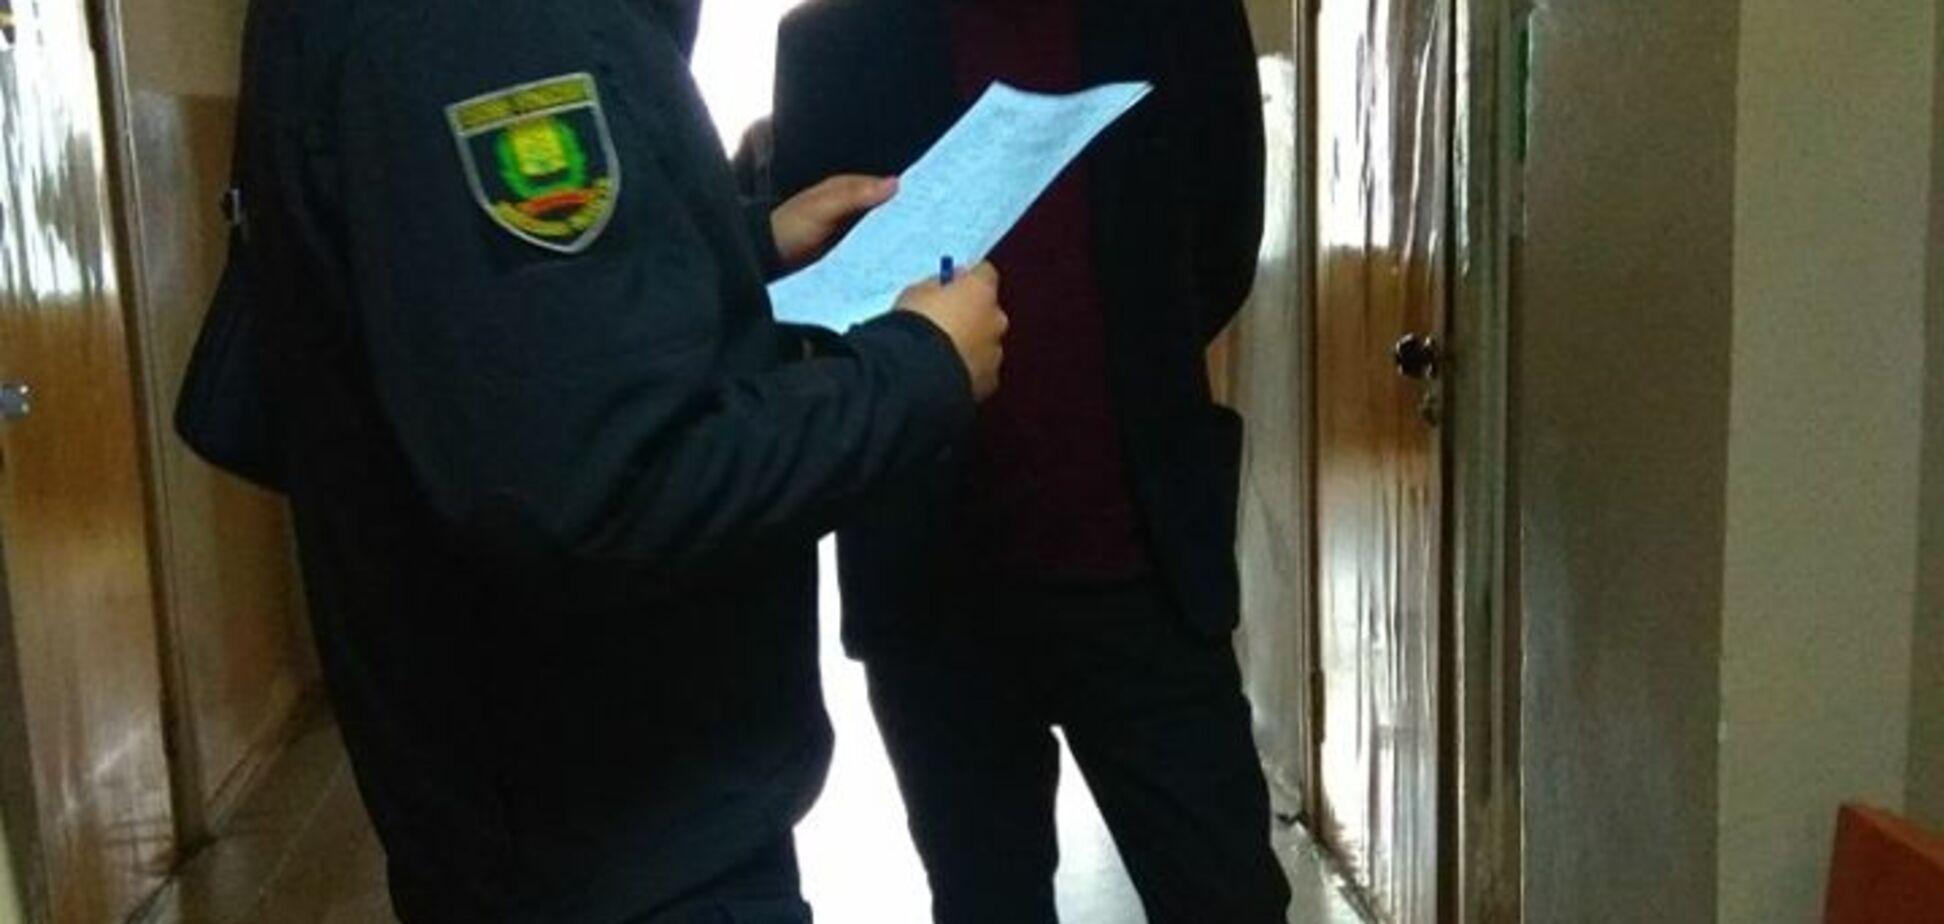 Держслужбовець-перевертень: у донецькій прокуратурі спіймали терориста 'ДНР'